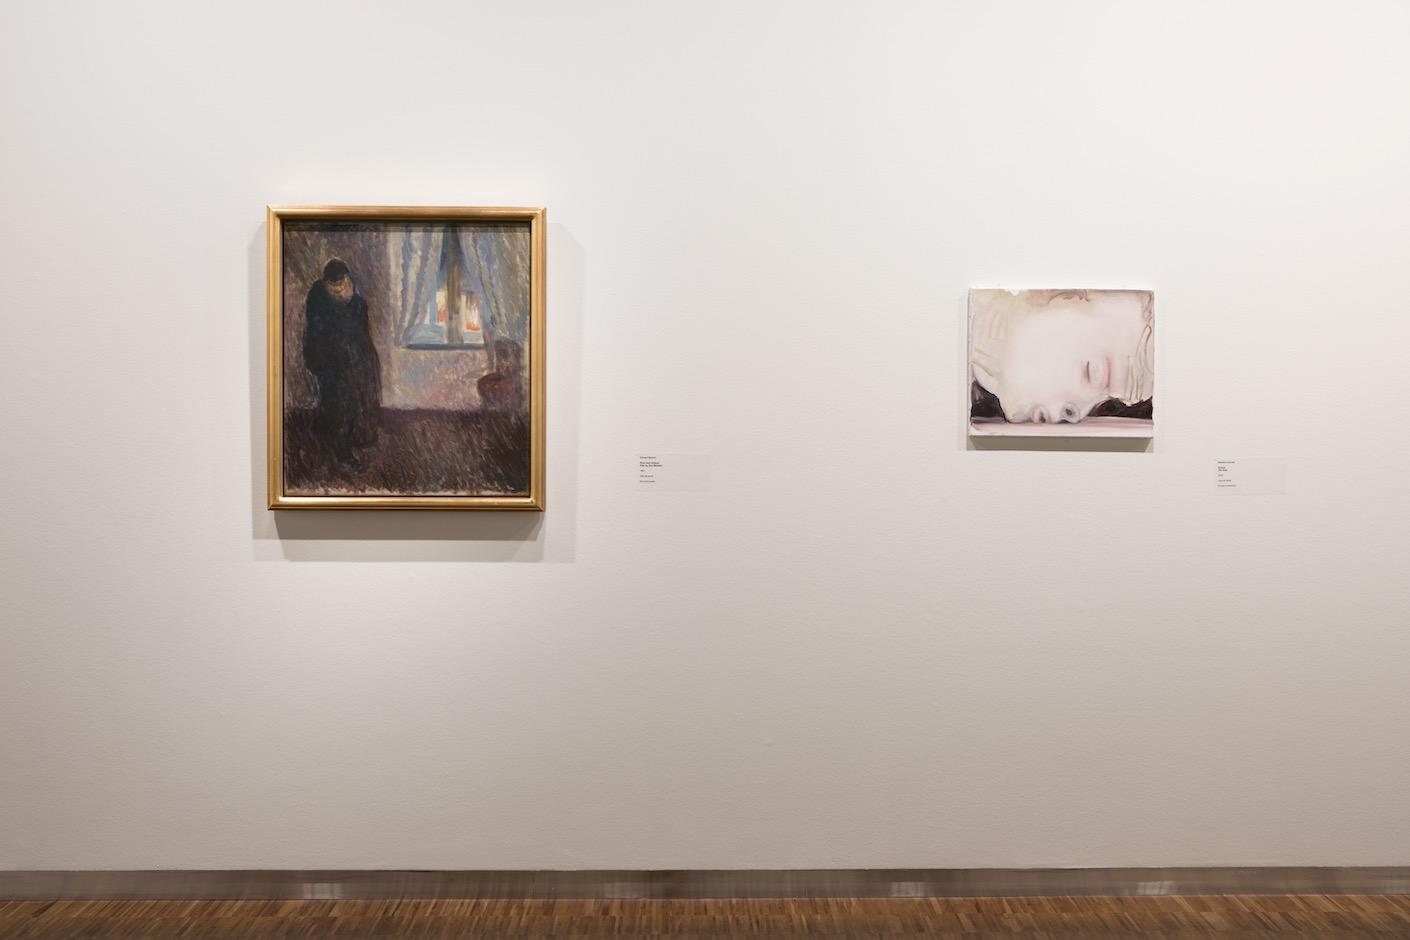 <i>Moonrise.</i> Marlene Dumas & Edvard Munch, Munch museet, Oslo, 2018-2019